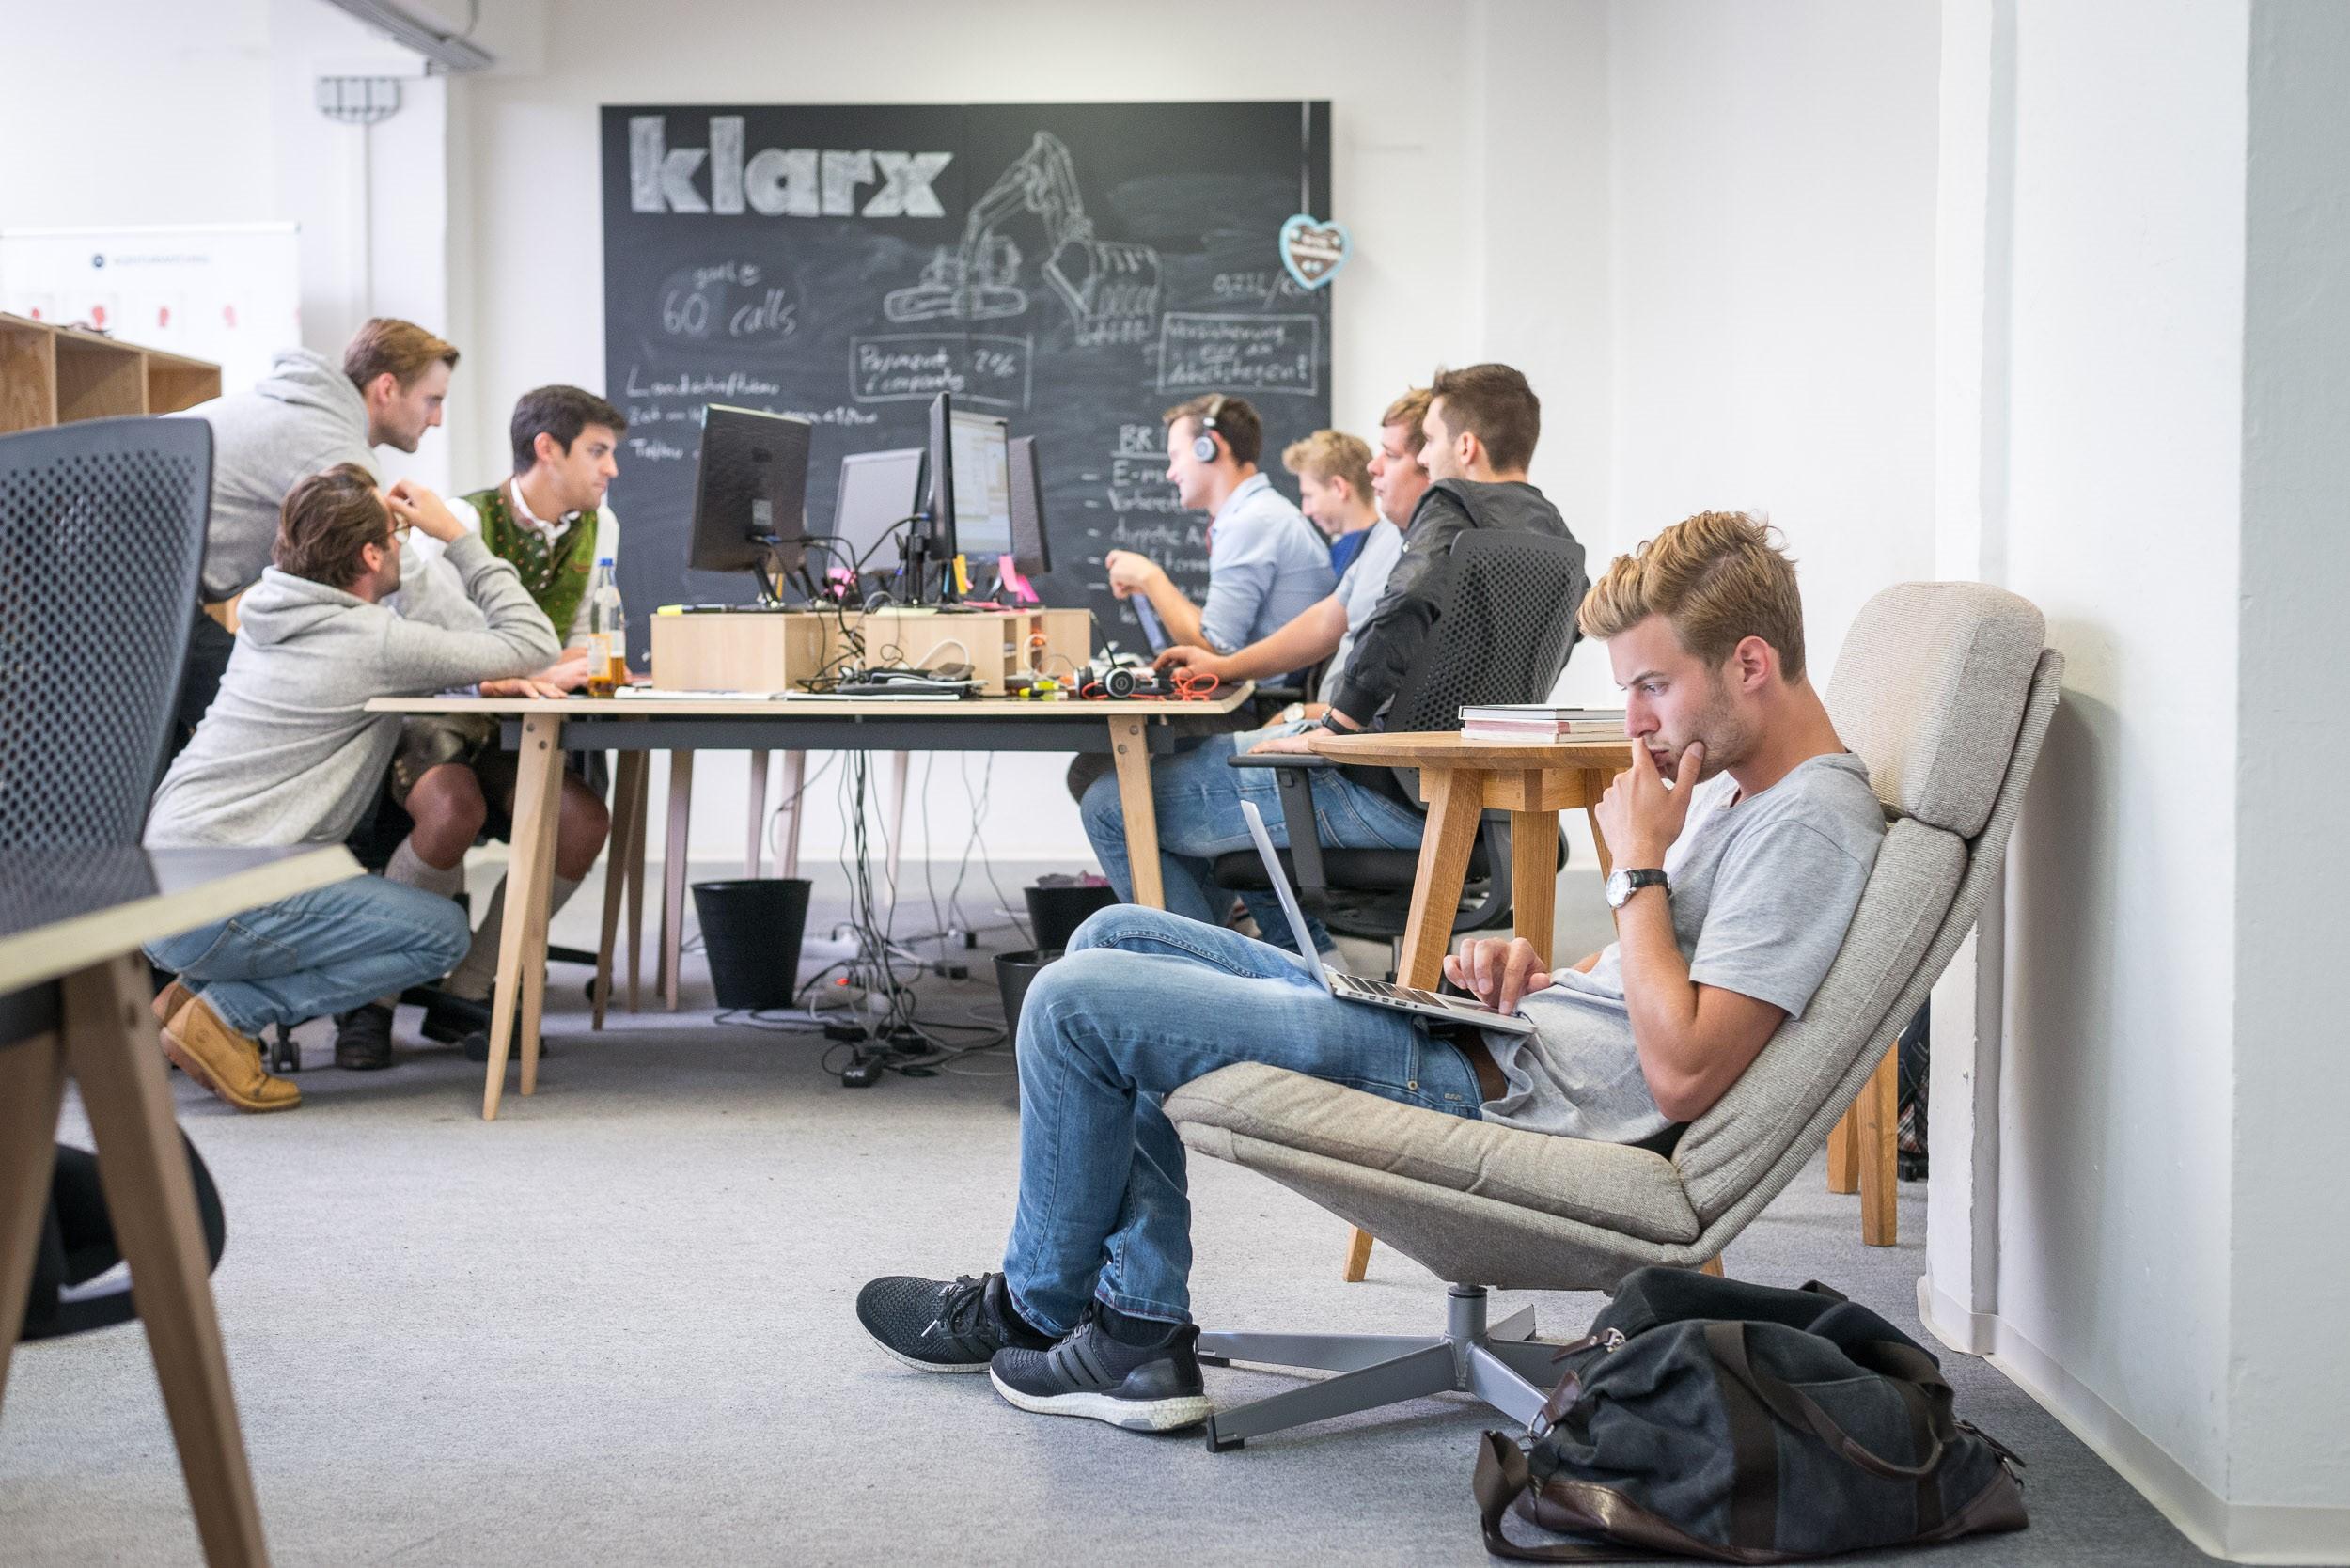 erfolg durch vertrauen netzwerk und das team 7 fragen an klarx munich startup. Black Bedroom Furniture Sets. Home Design Ideas